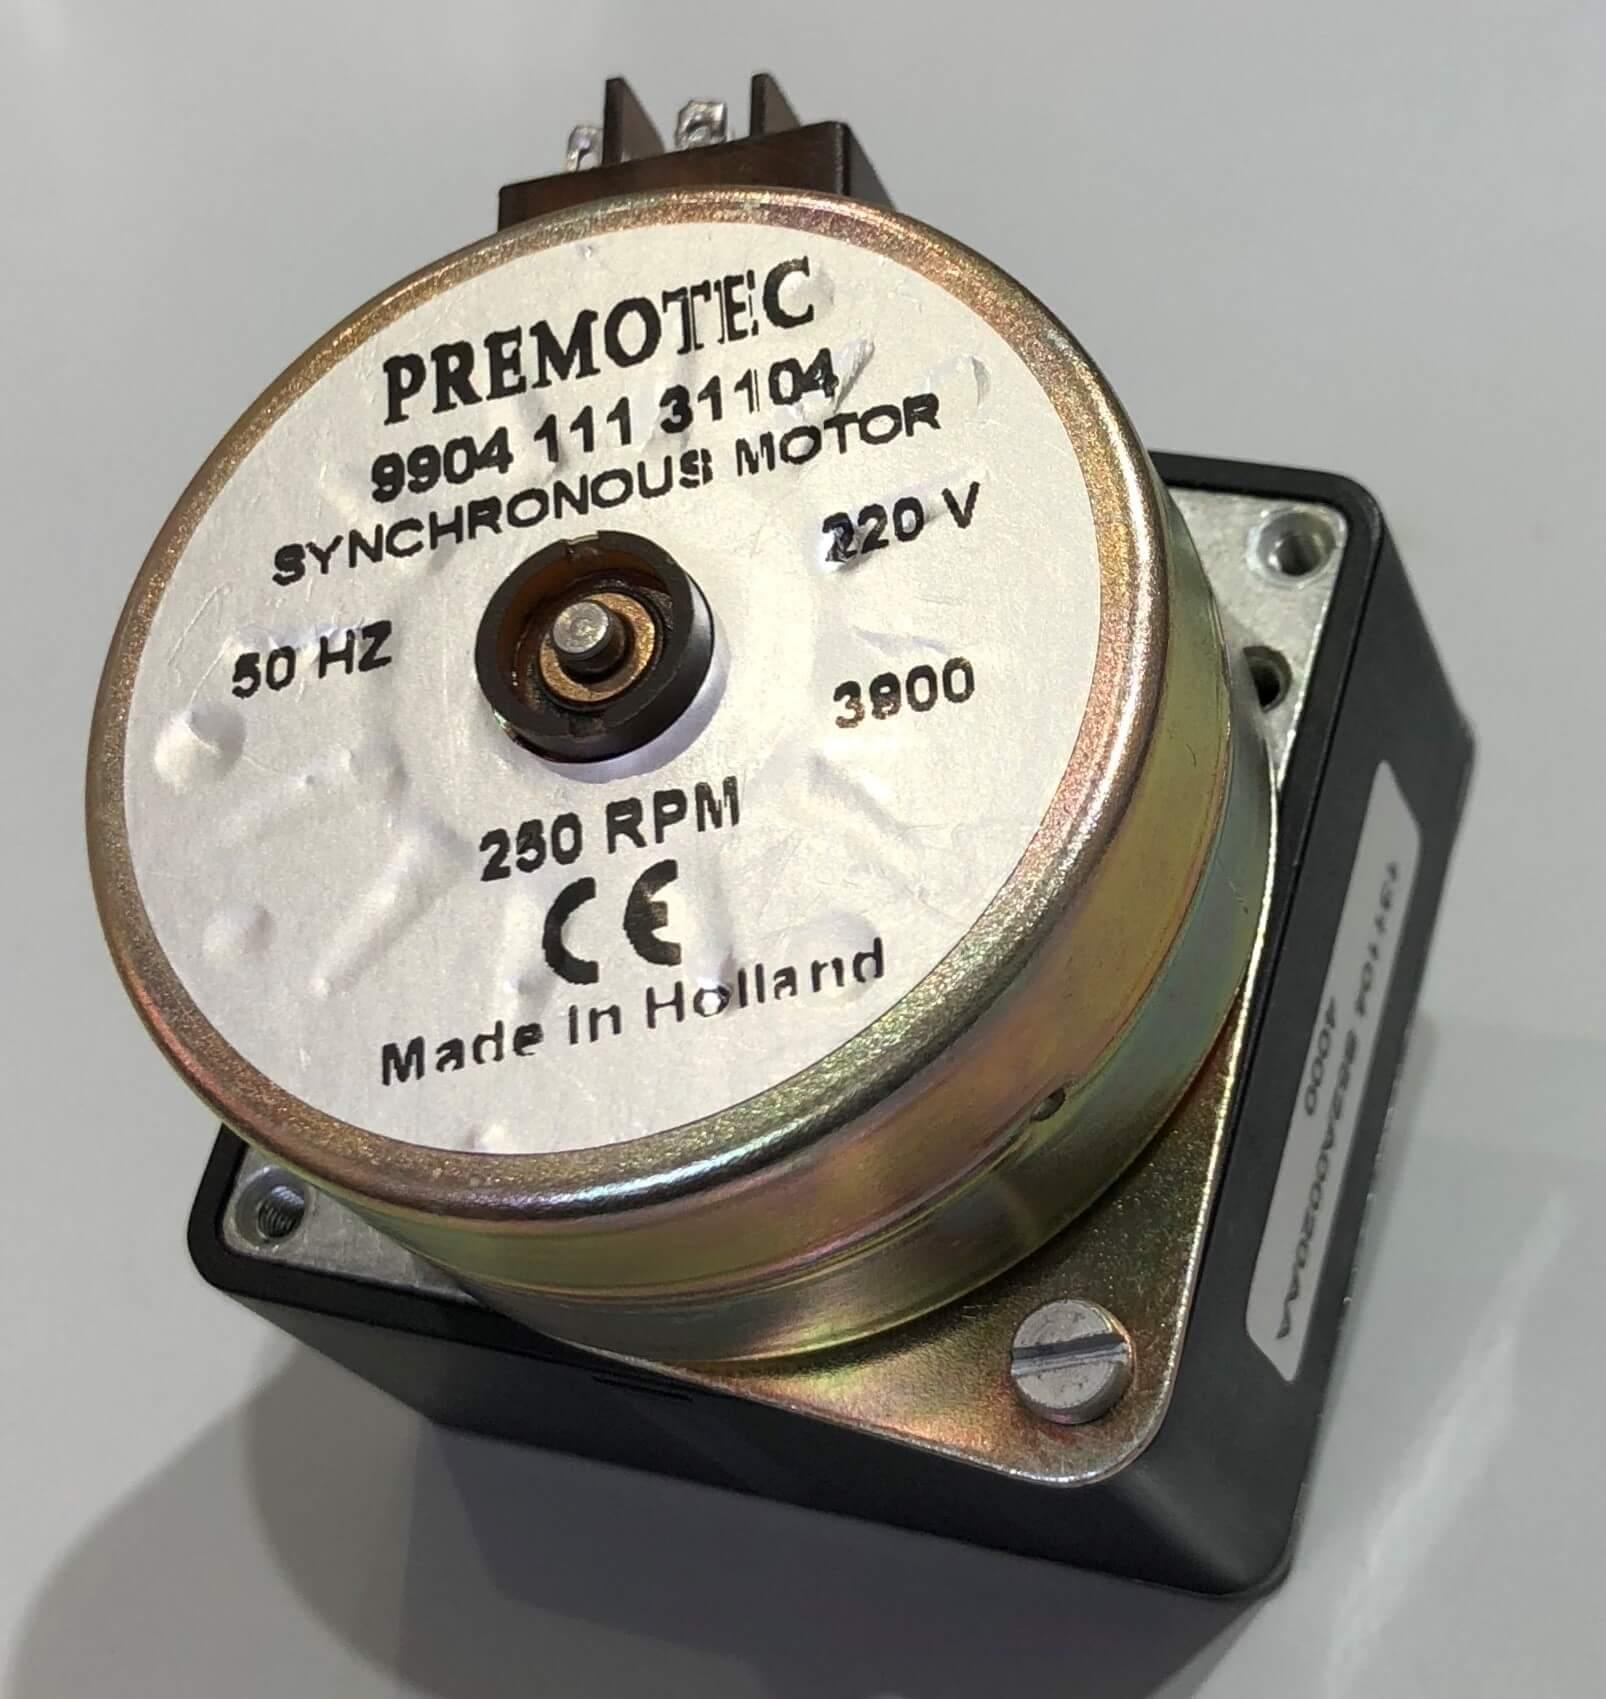 AC Motors - 9904-111-31104 + S52A0020AA